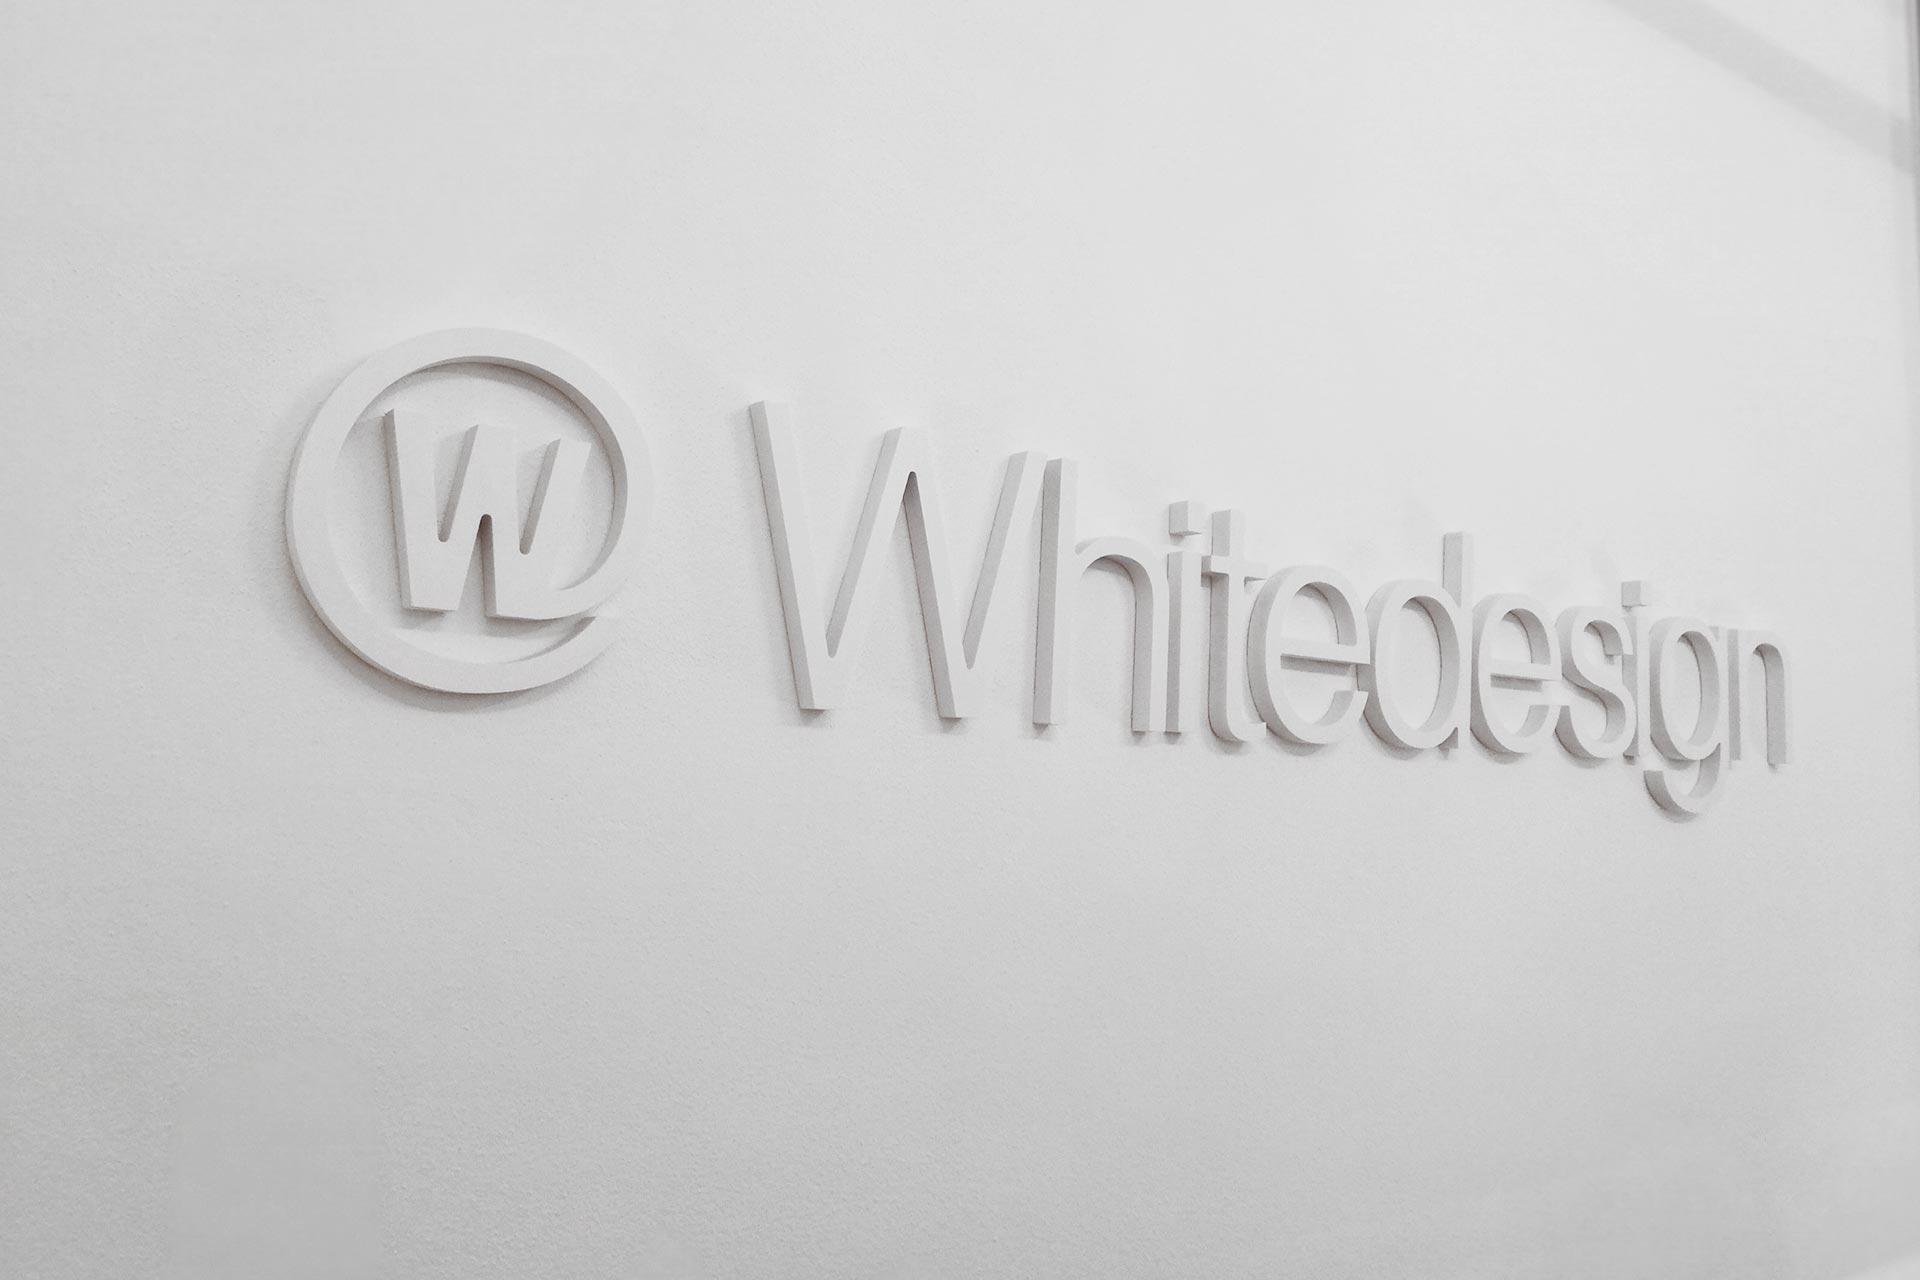 whitedesign busto arsizio